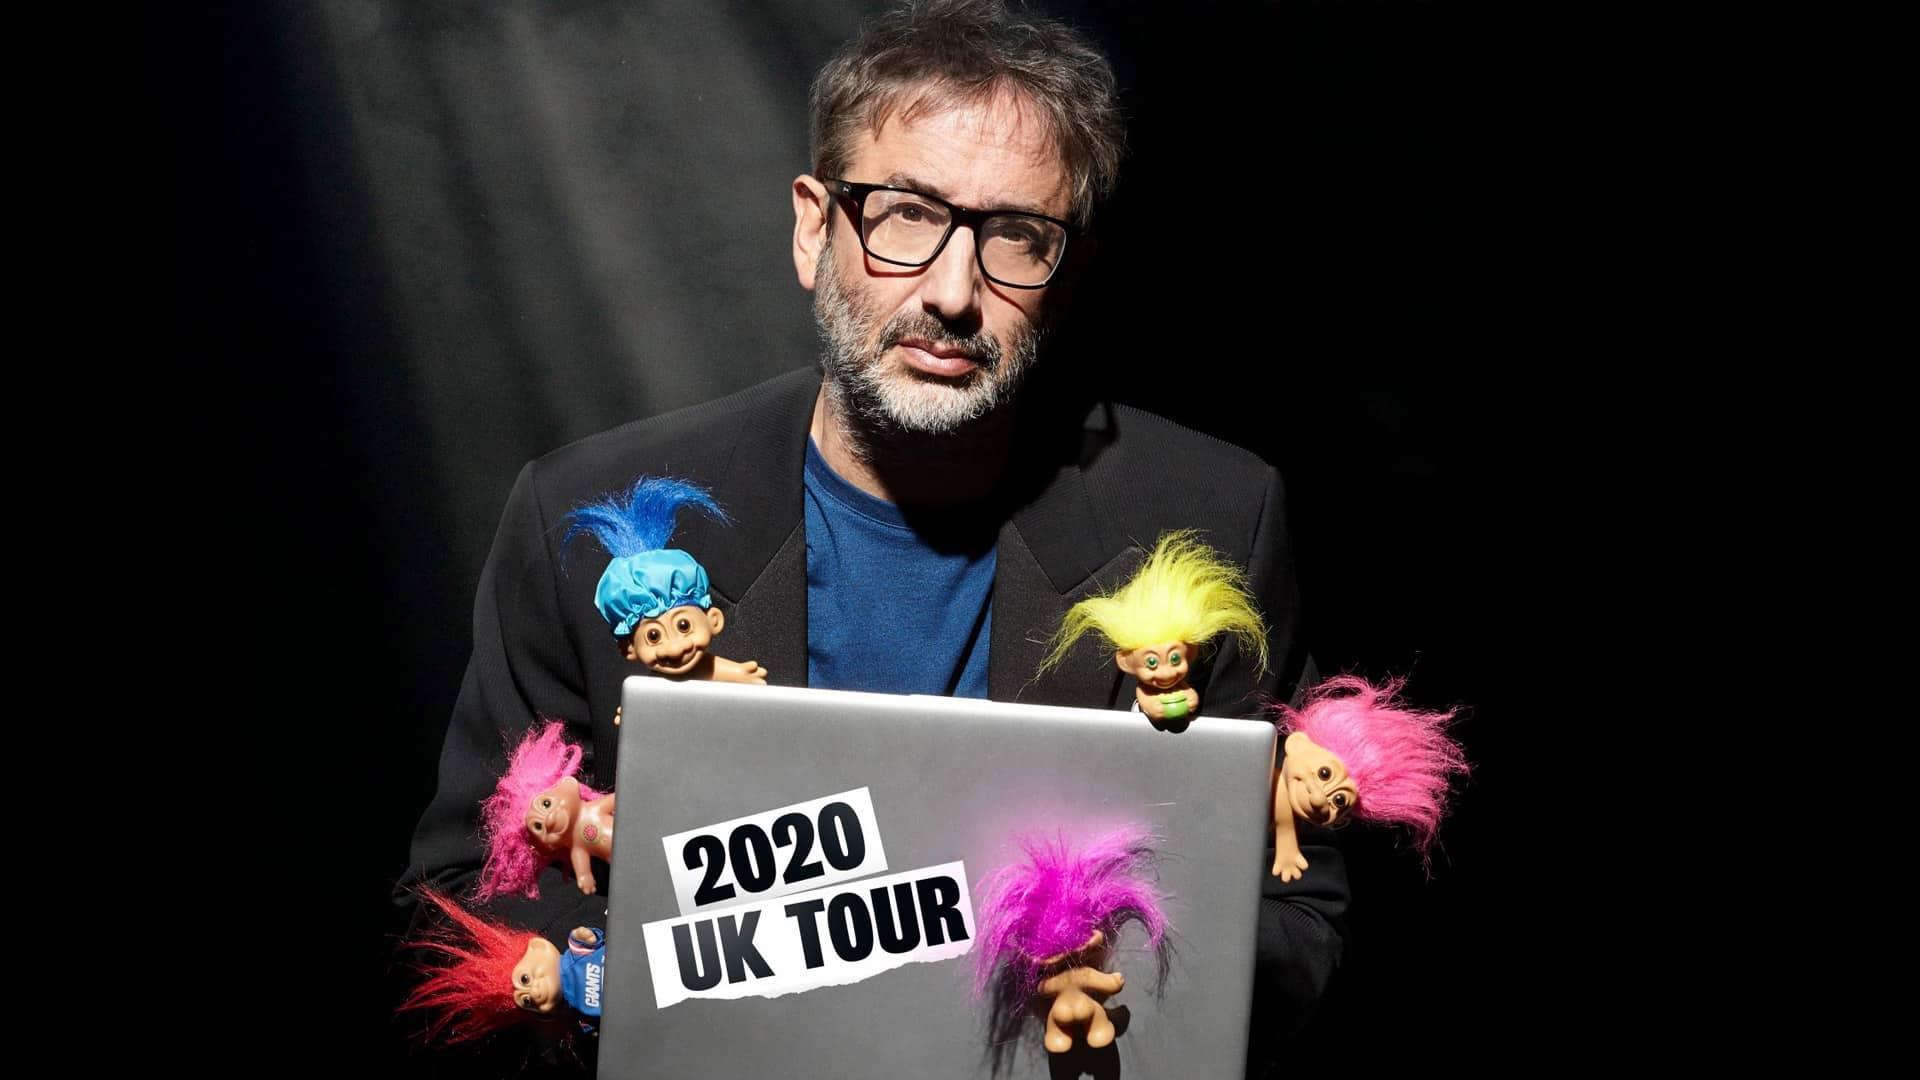 David Baddiel - Trolls: Not the dolls poster